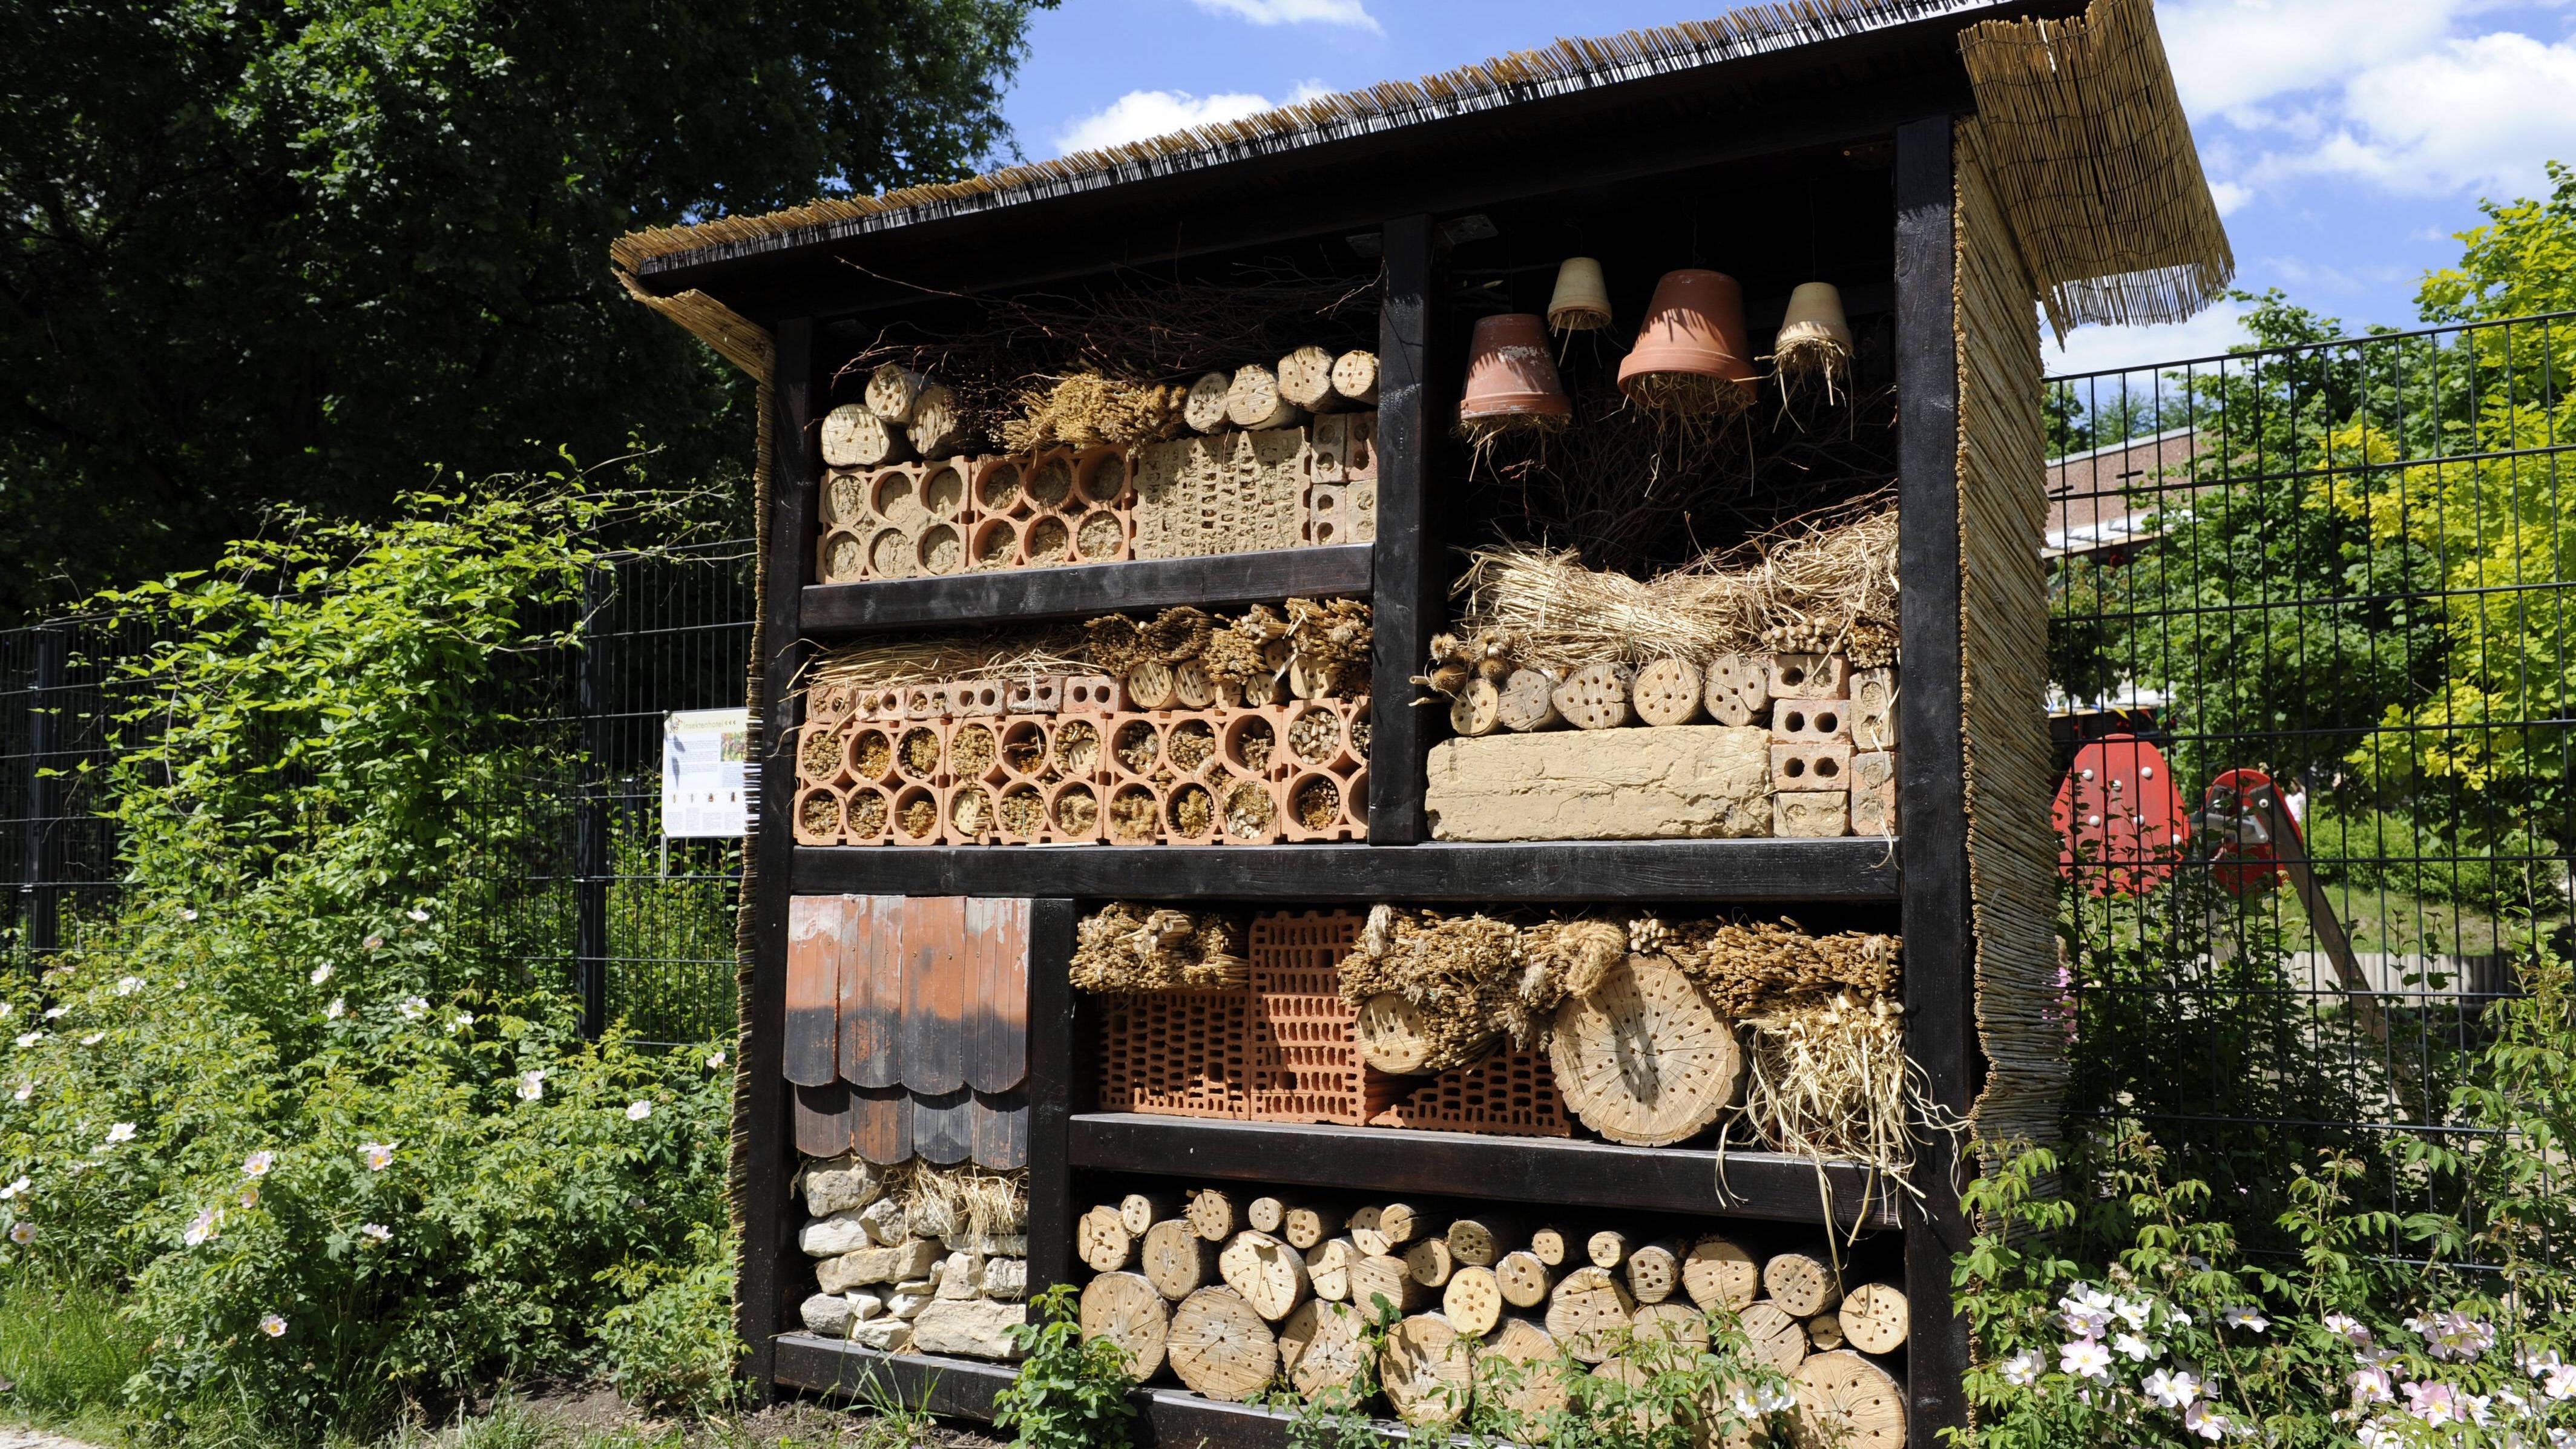 Wenn Sie ein Wildbienenhotel selber bauen, sollten Sie auf ungeeignete Materialien verzichten.